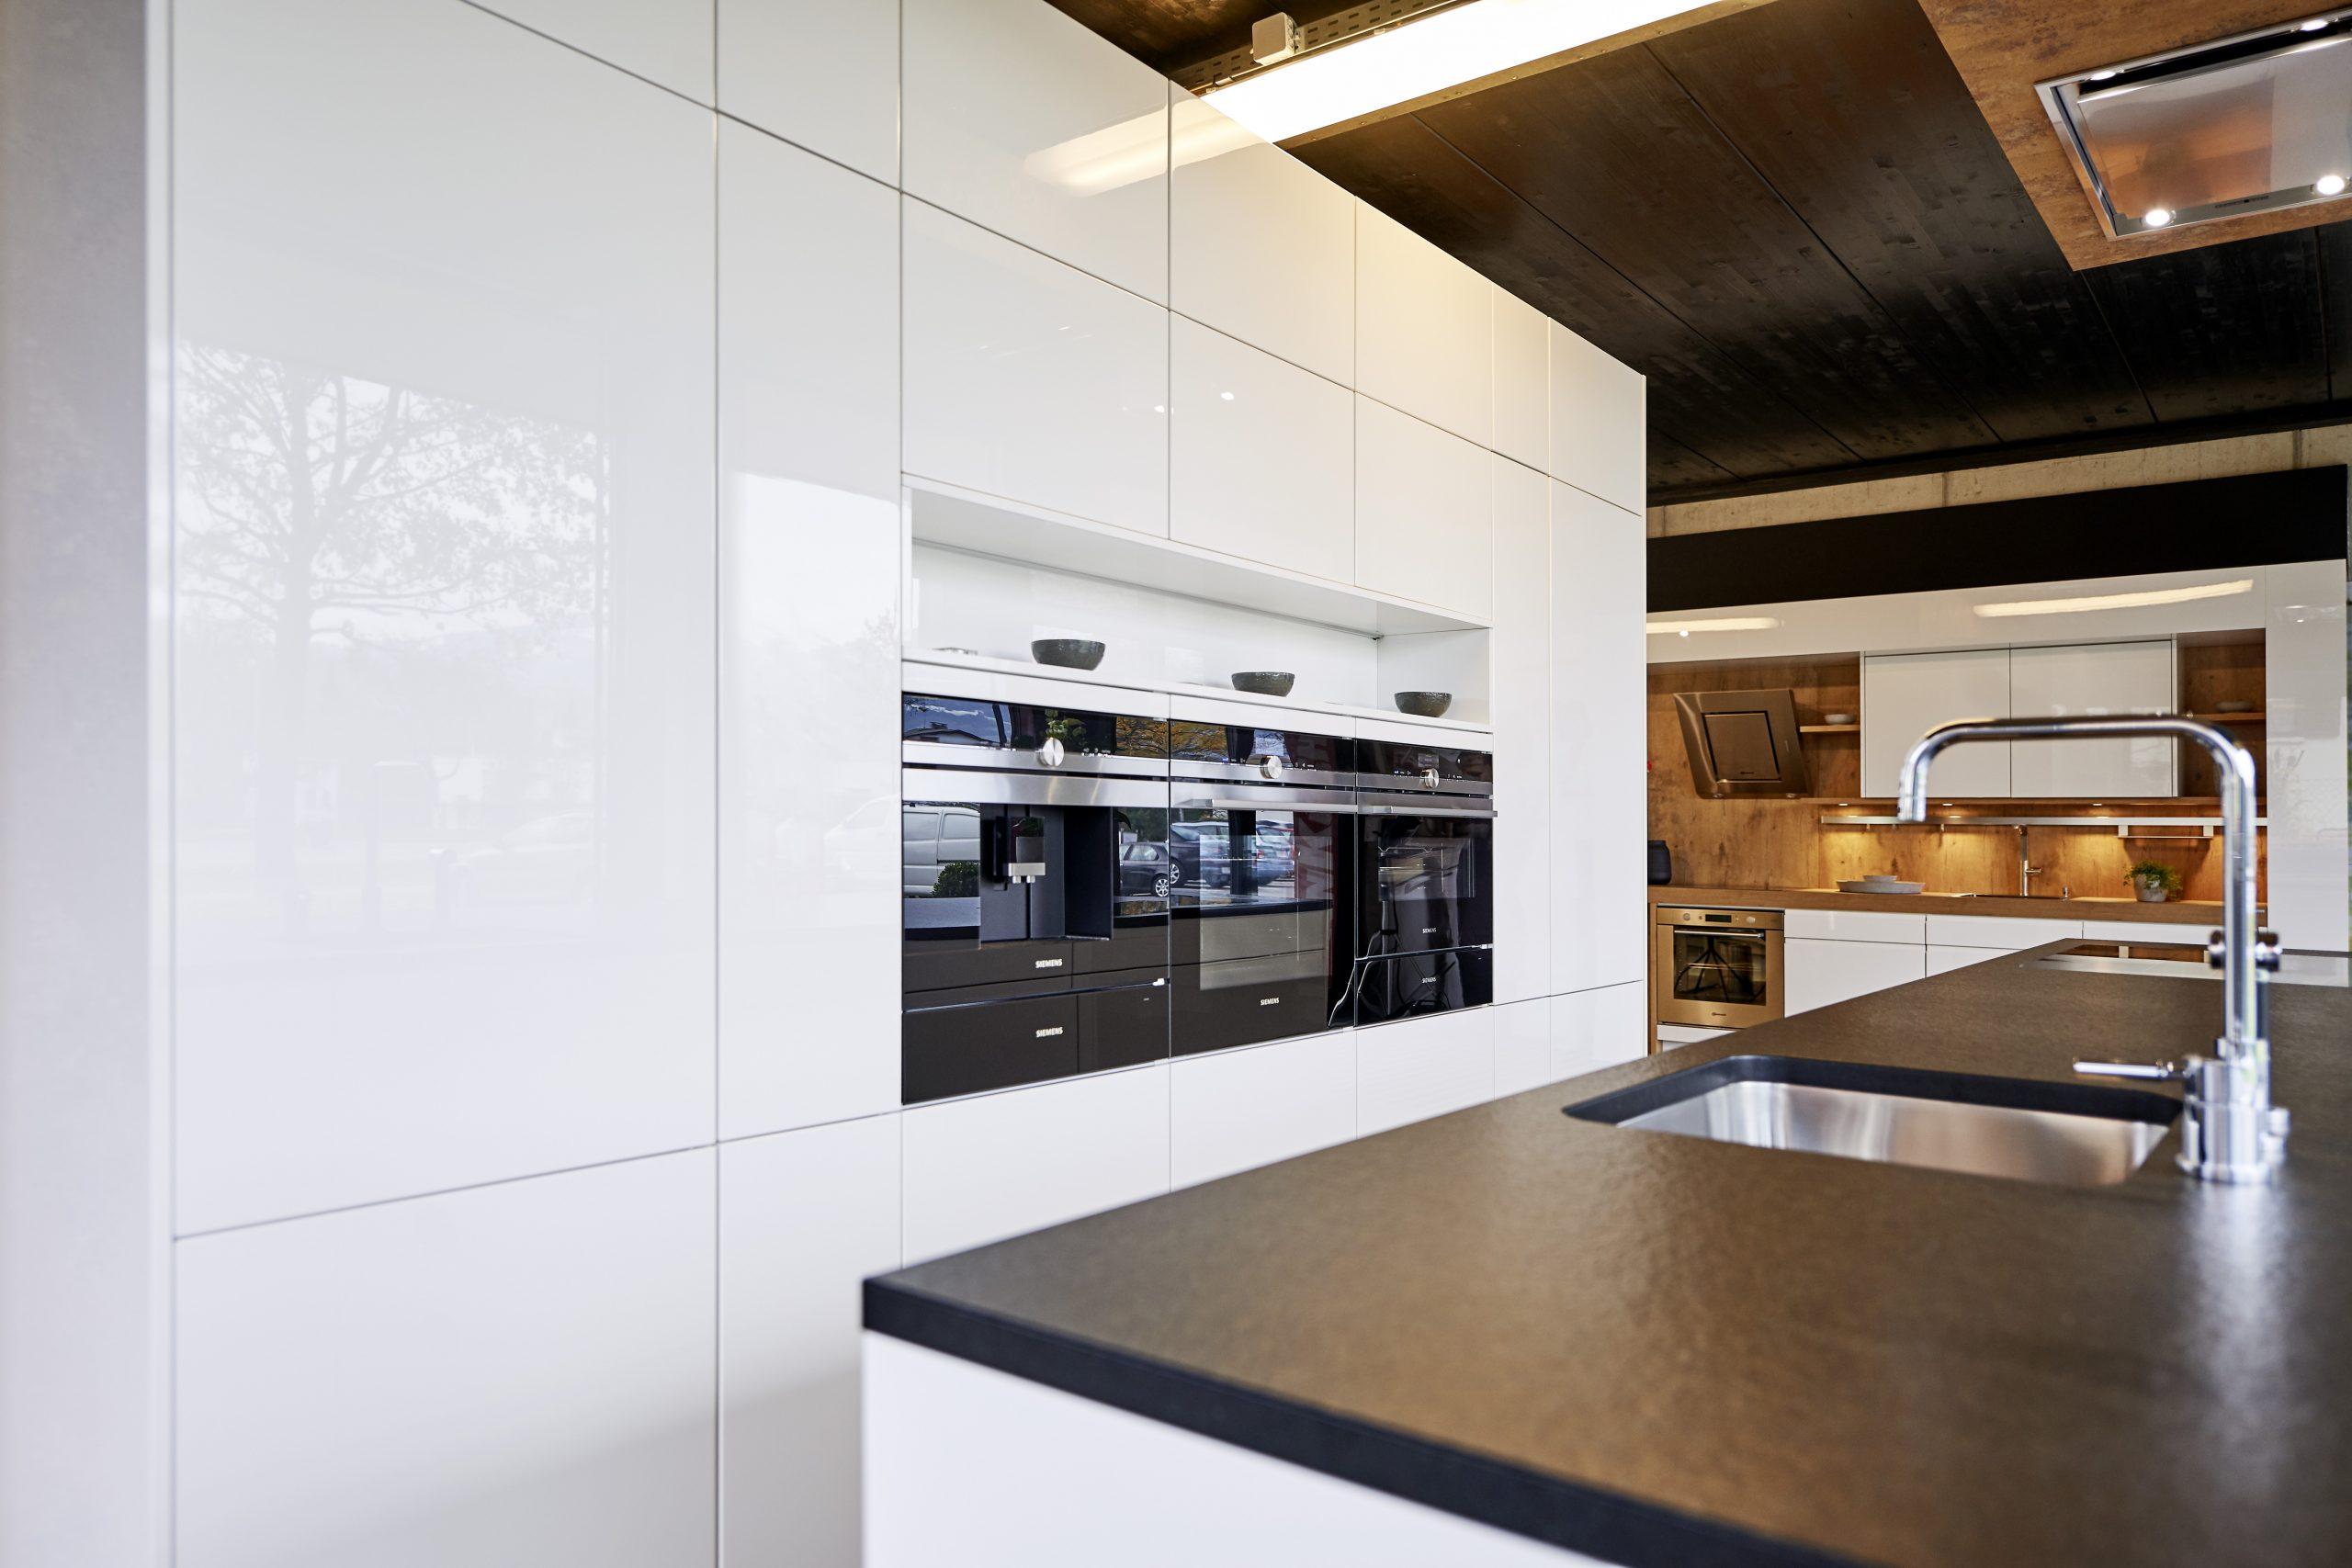 Full Size of Küchen Kchen Preis Wie Viel Kostet Eine Dan Kche Im Durchschnitt Regal Wohnzimmer Küchen